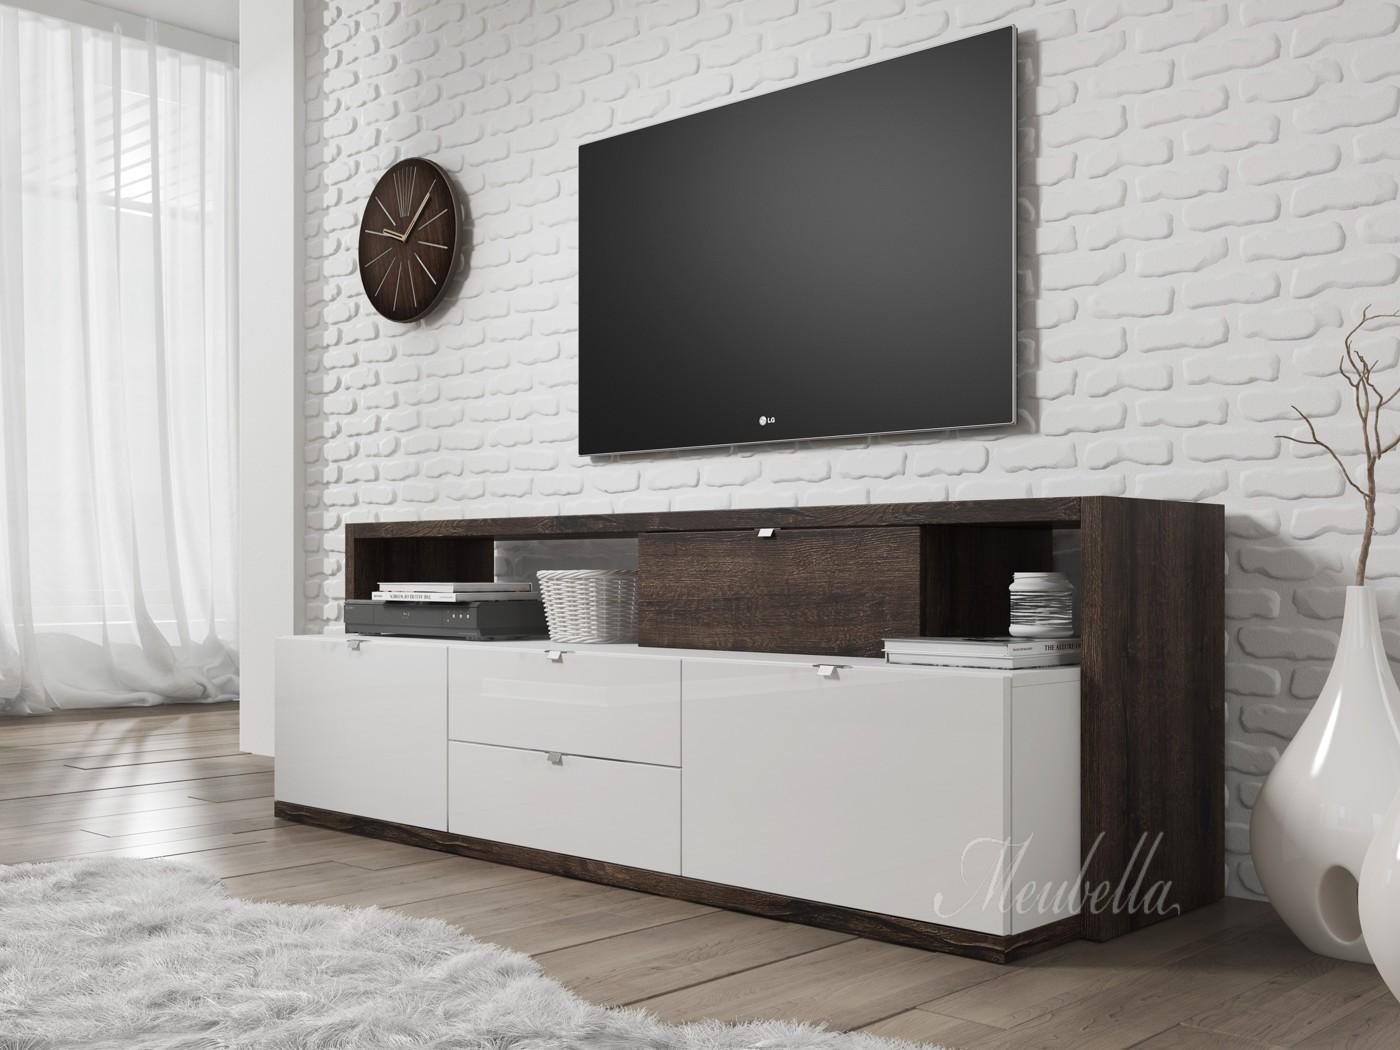 #594F4622249064 TV Meubel Ashland Wit Donker Eiken 161 Cm Meubella betrouwbaar Design Glazen Tv Meubels 1147 afbeelding opslaan 140010501147 Idee